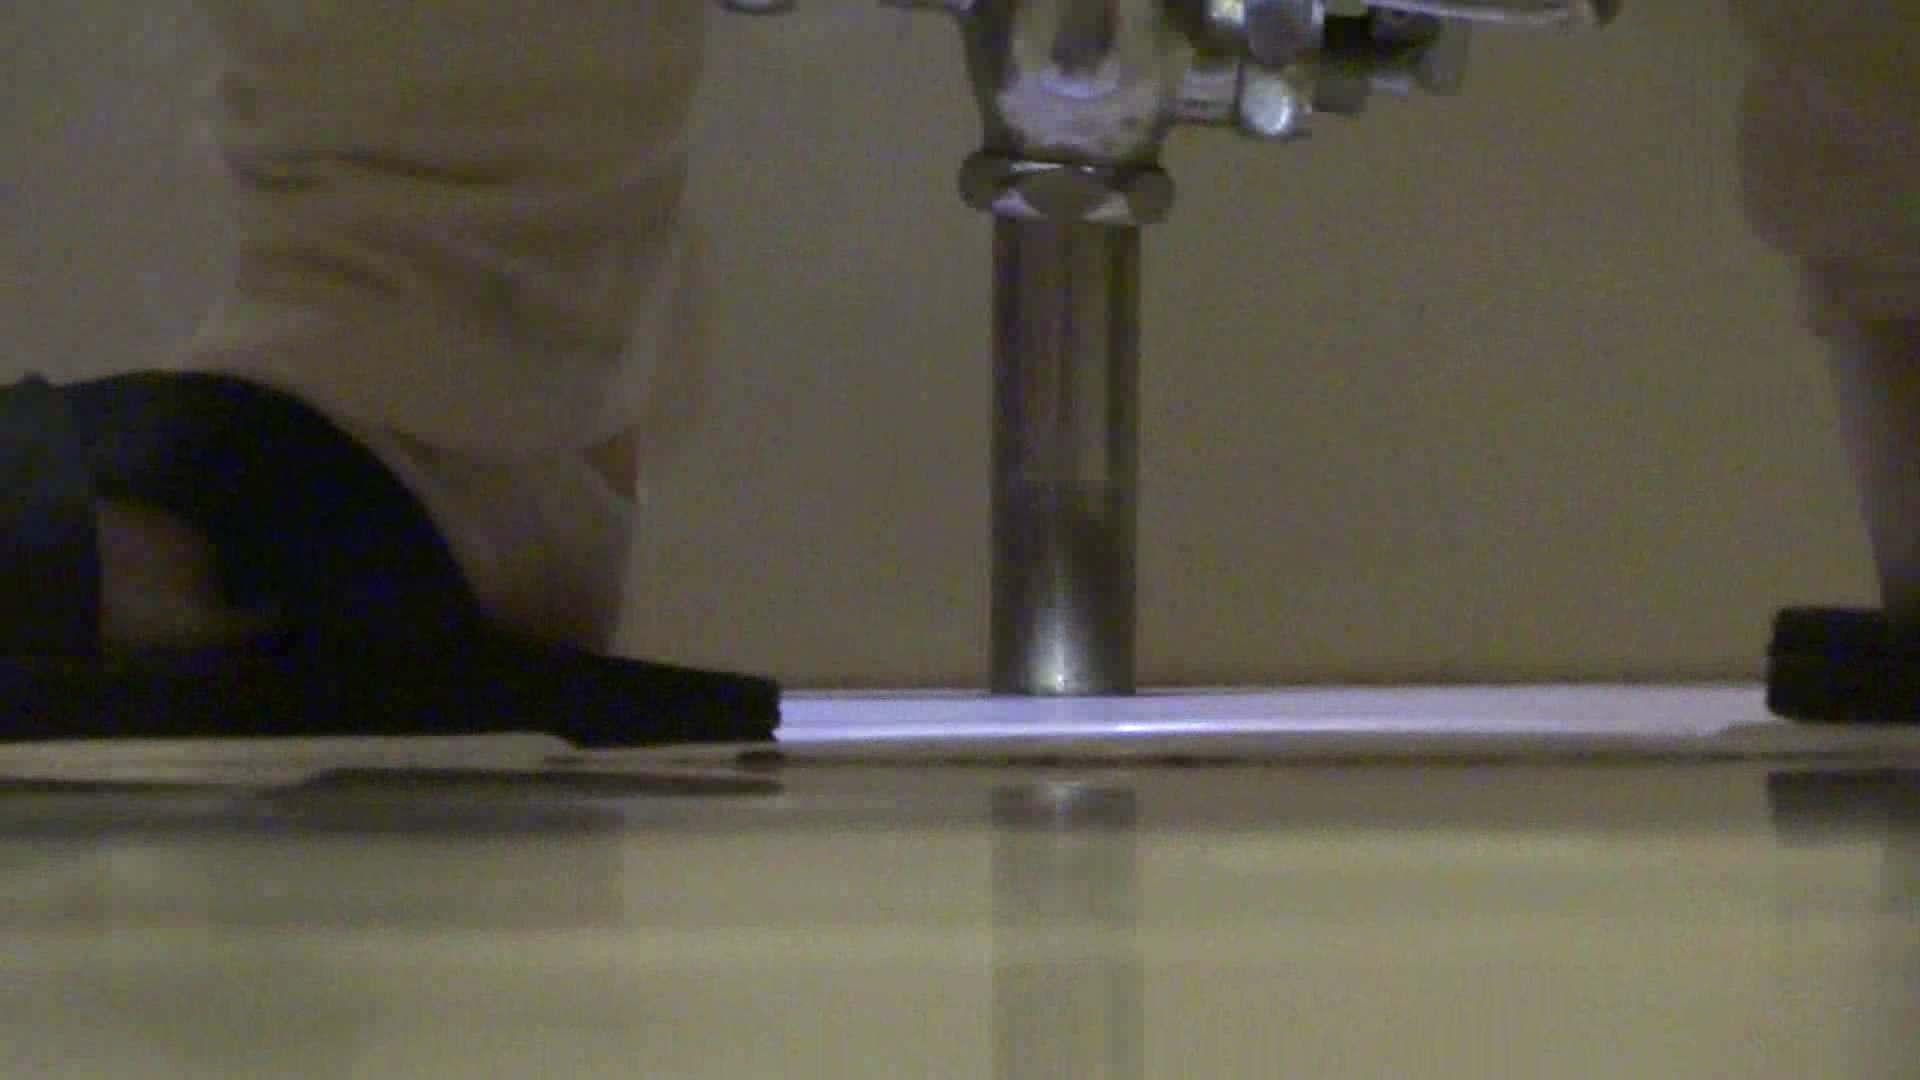 「噂」の国の厠観察日記2 Vol.15 OLセックス 隠し撮りすけべAV動画紹介 96画像 38